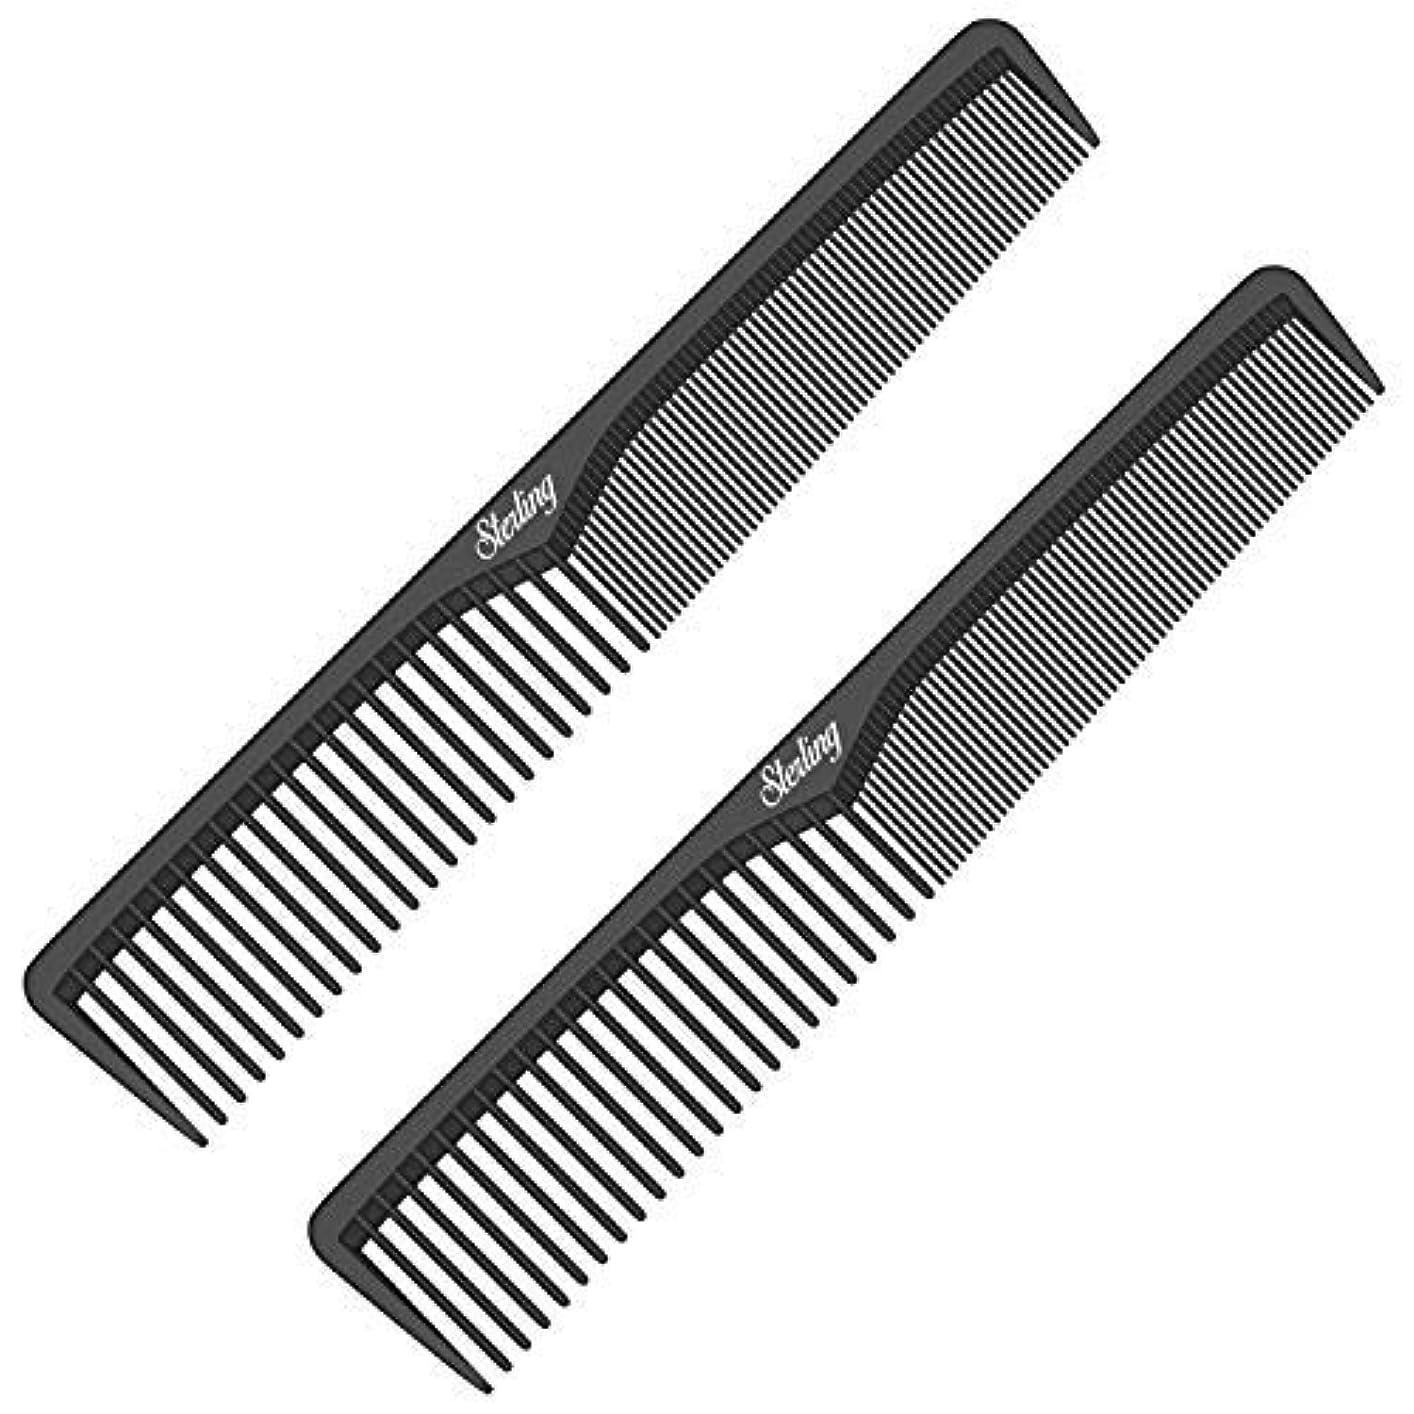 療法通訳見通しStyling Comb (2 Pack) | Professional 7  Black Carbon Fiber Anti Static Chemical And Heat Resistant Combs For All...